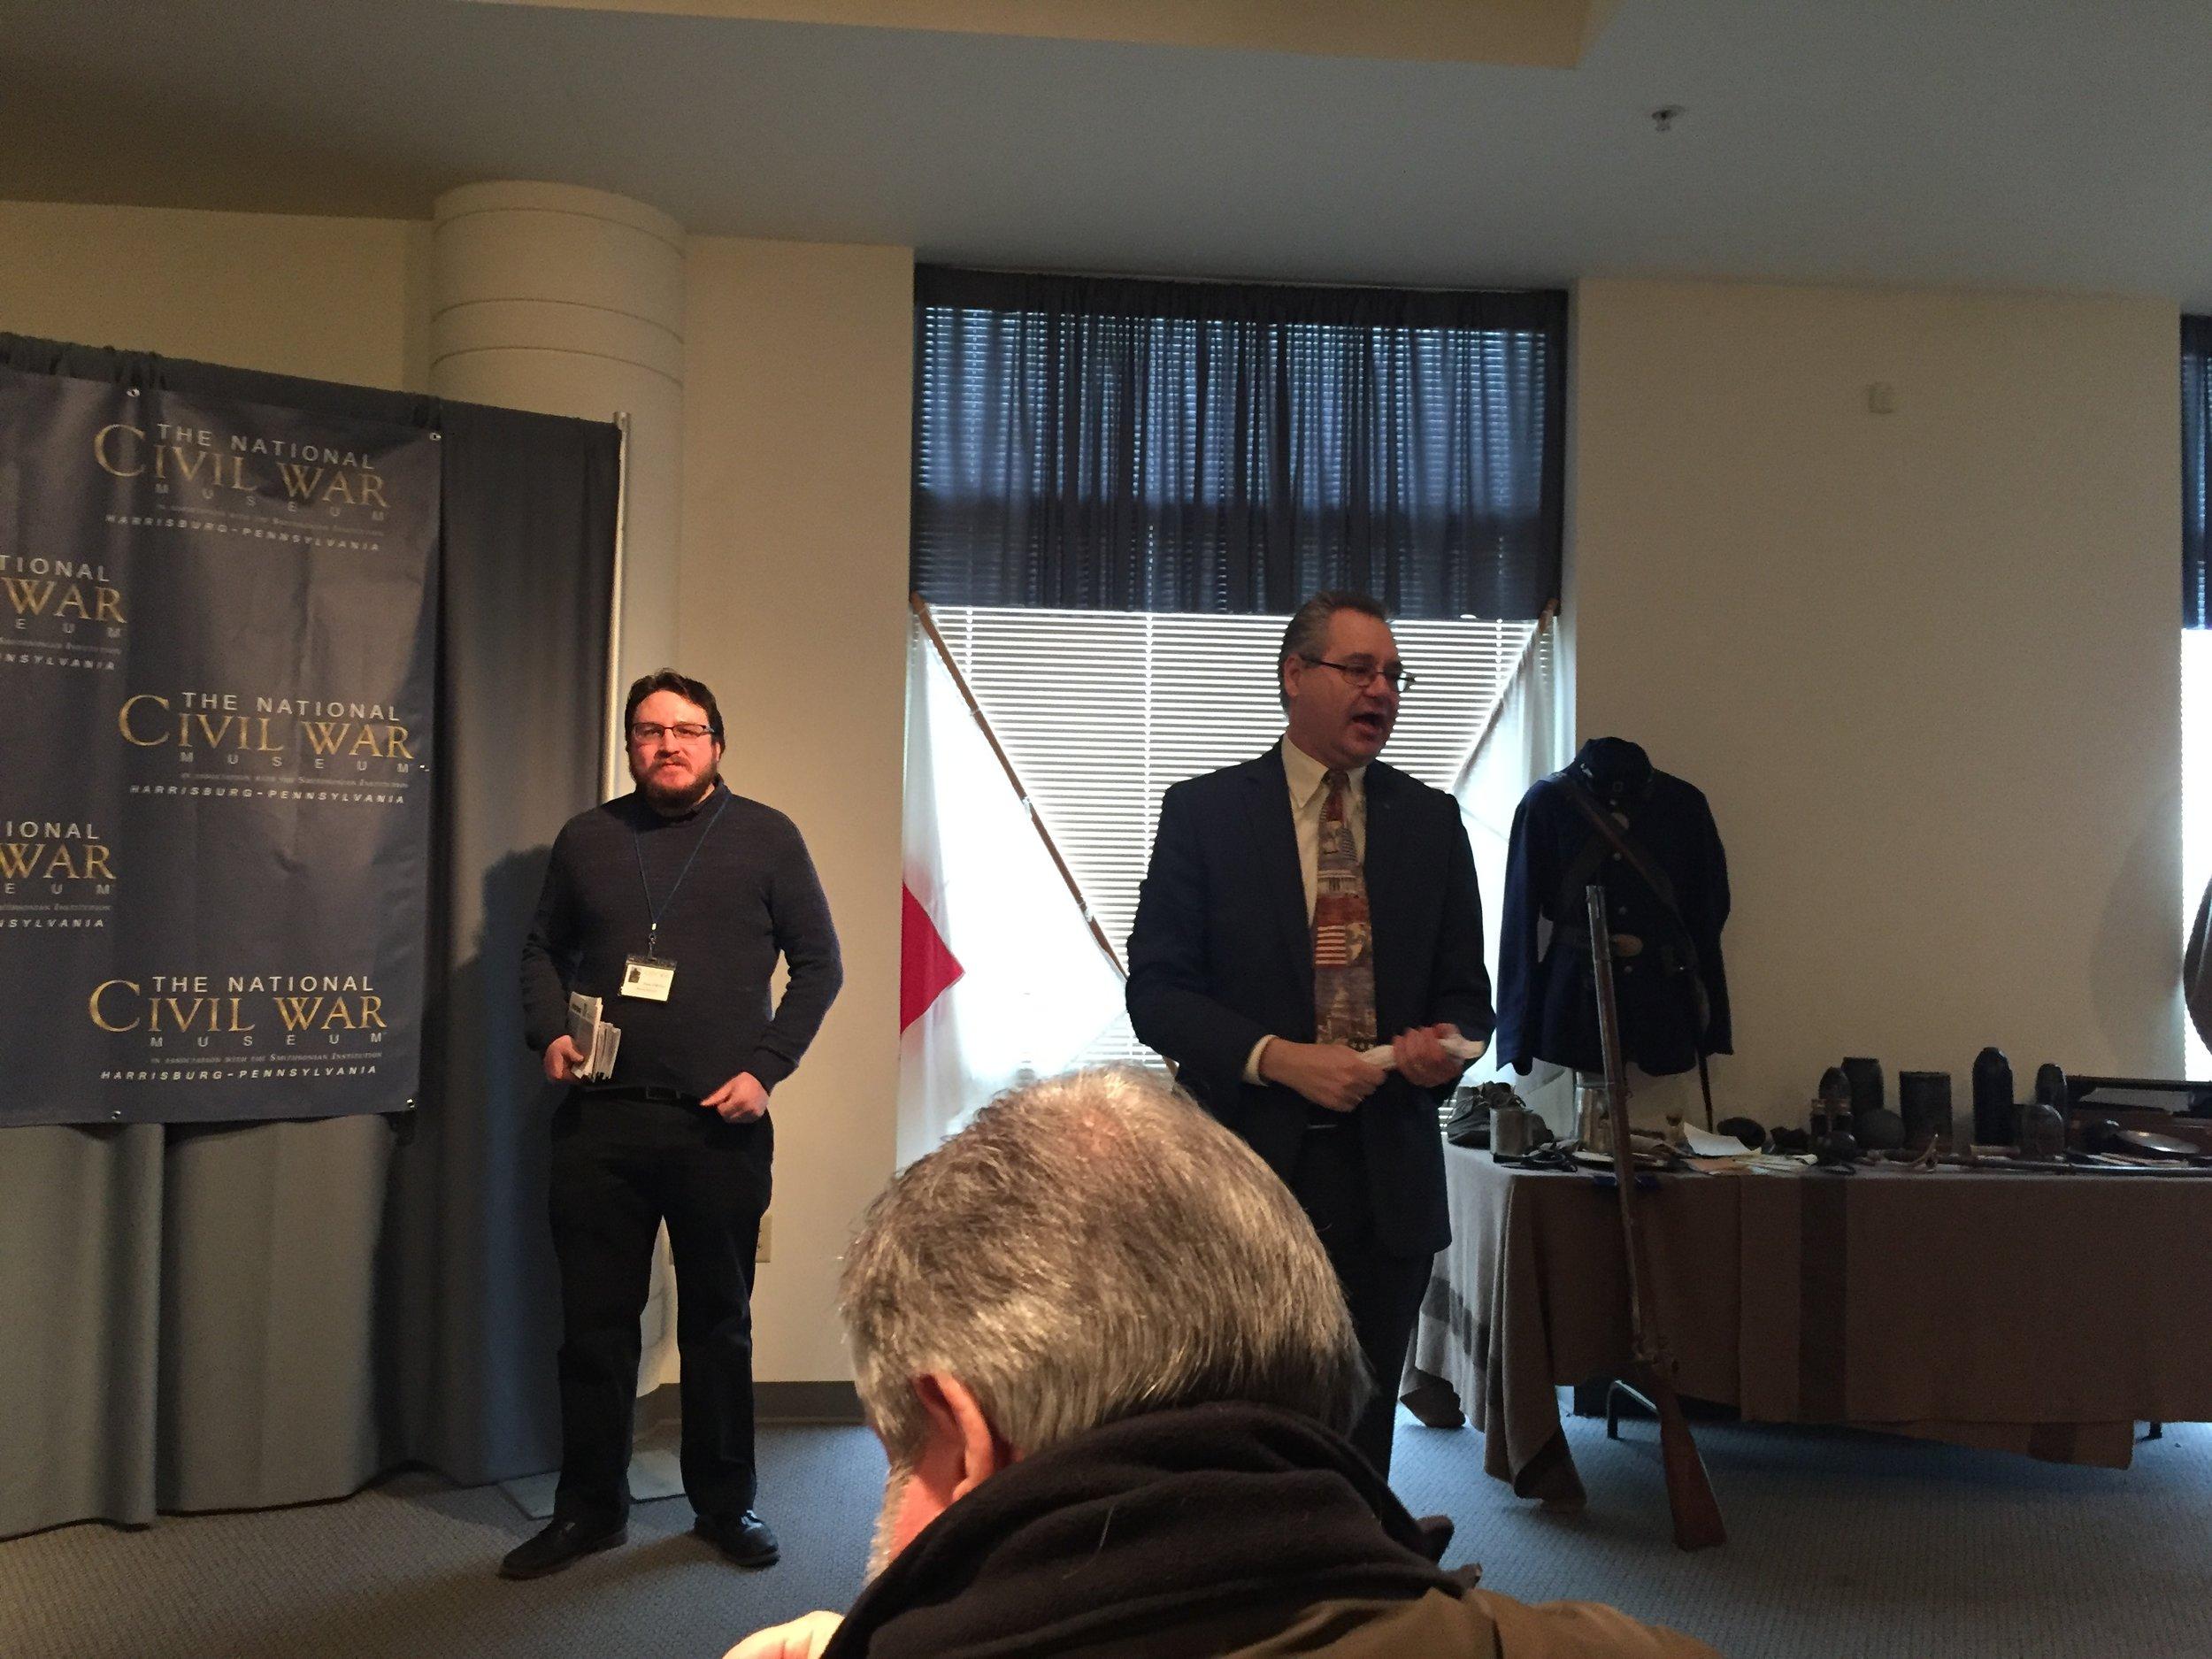 Educator Dane DiFibo and CEO Wayne Motts